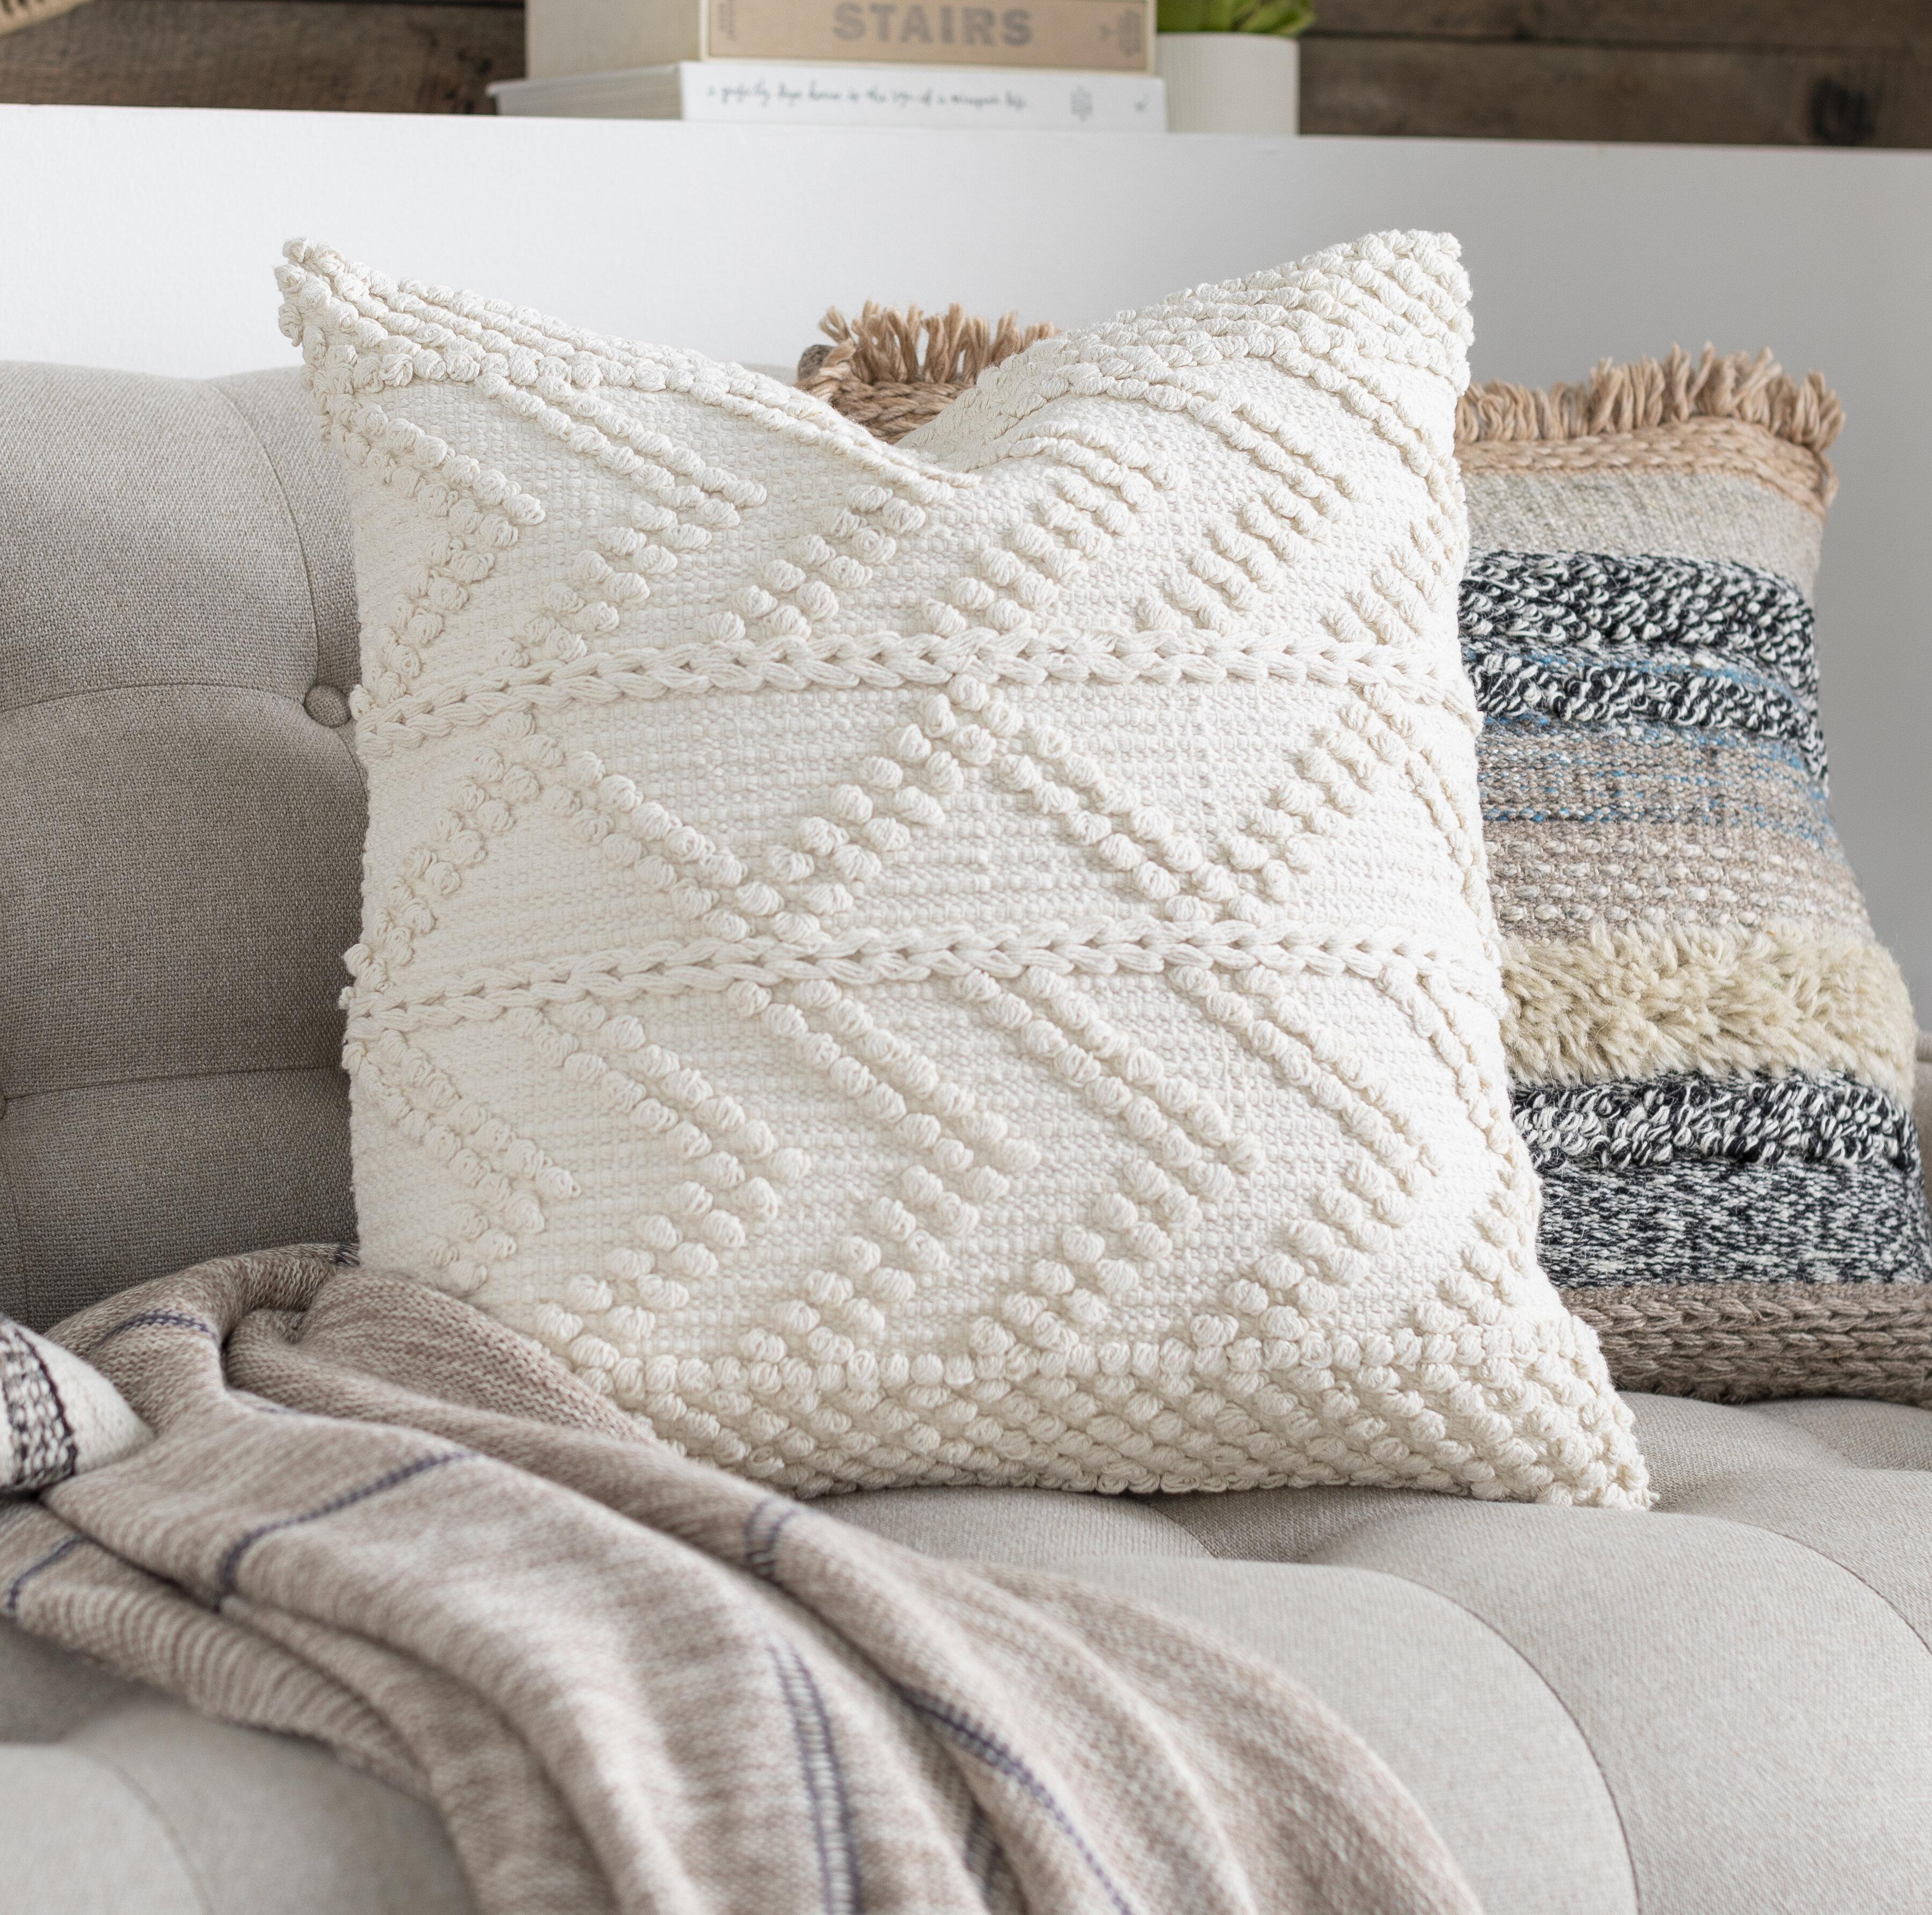 Statler Textured Cotton Throw Pillow Reviews Joss Main